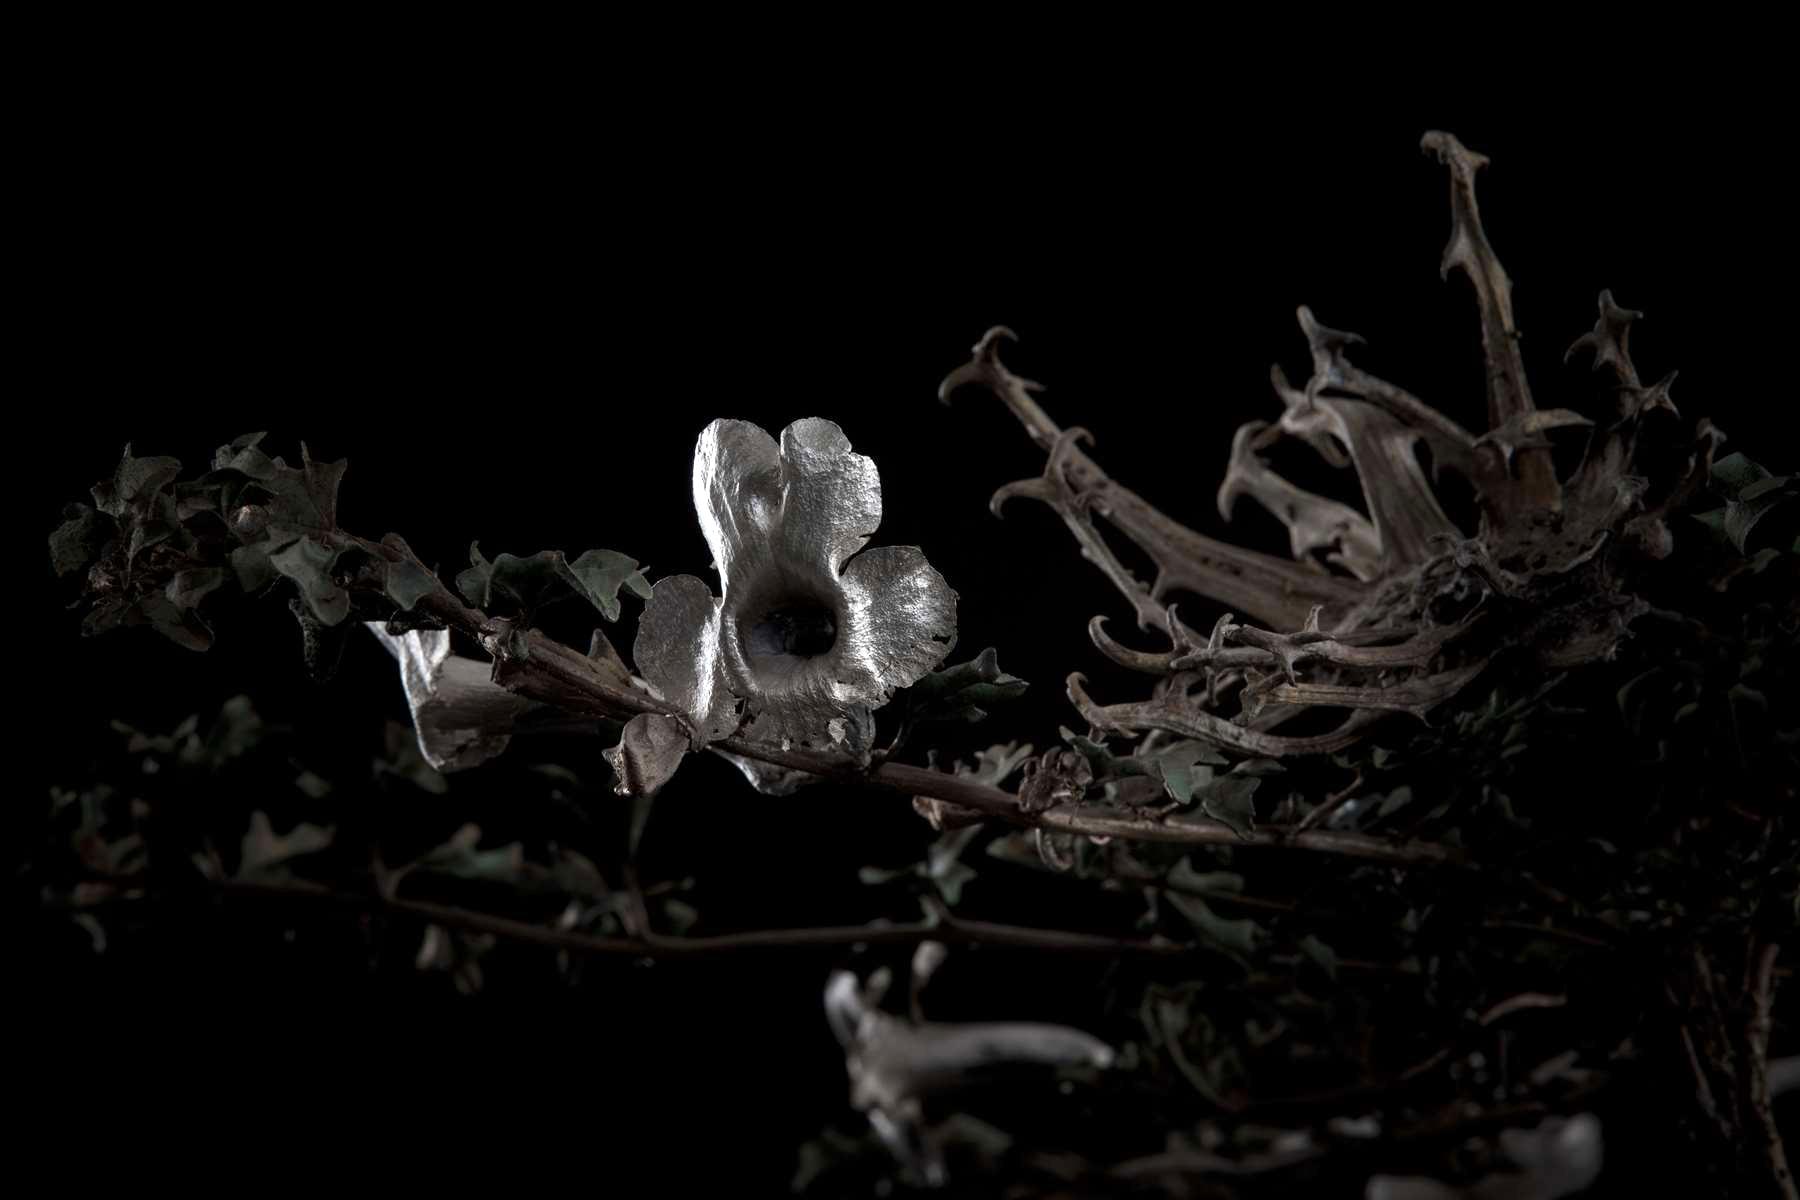 NicBladen_Botanicals_Devil's Thorn, Duiwelsklou, Sengaparile-075.jpg